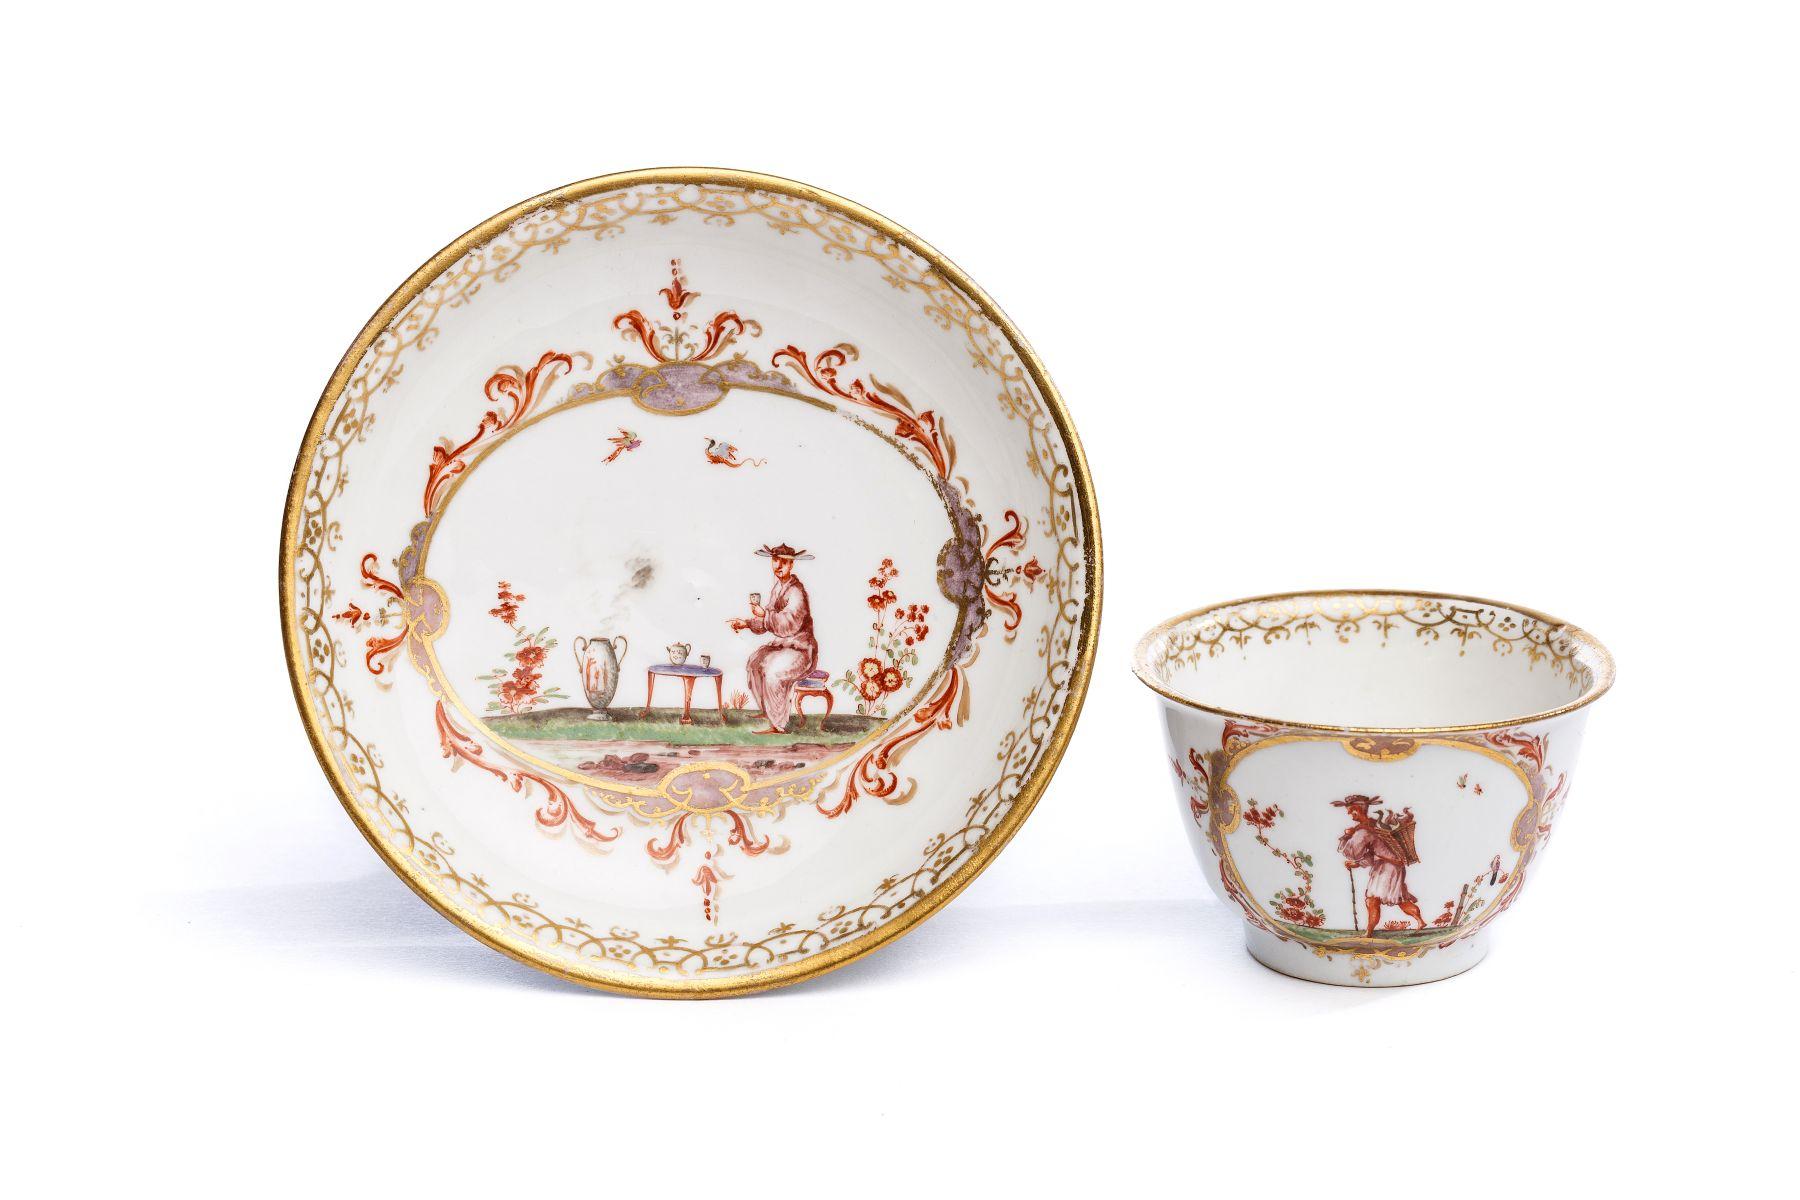 #15 Bowl with saucer, Meissen 1720/25   Koppchen mit Unterschale, Meissen 1720/25 Image